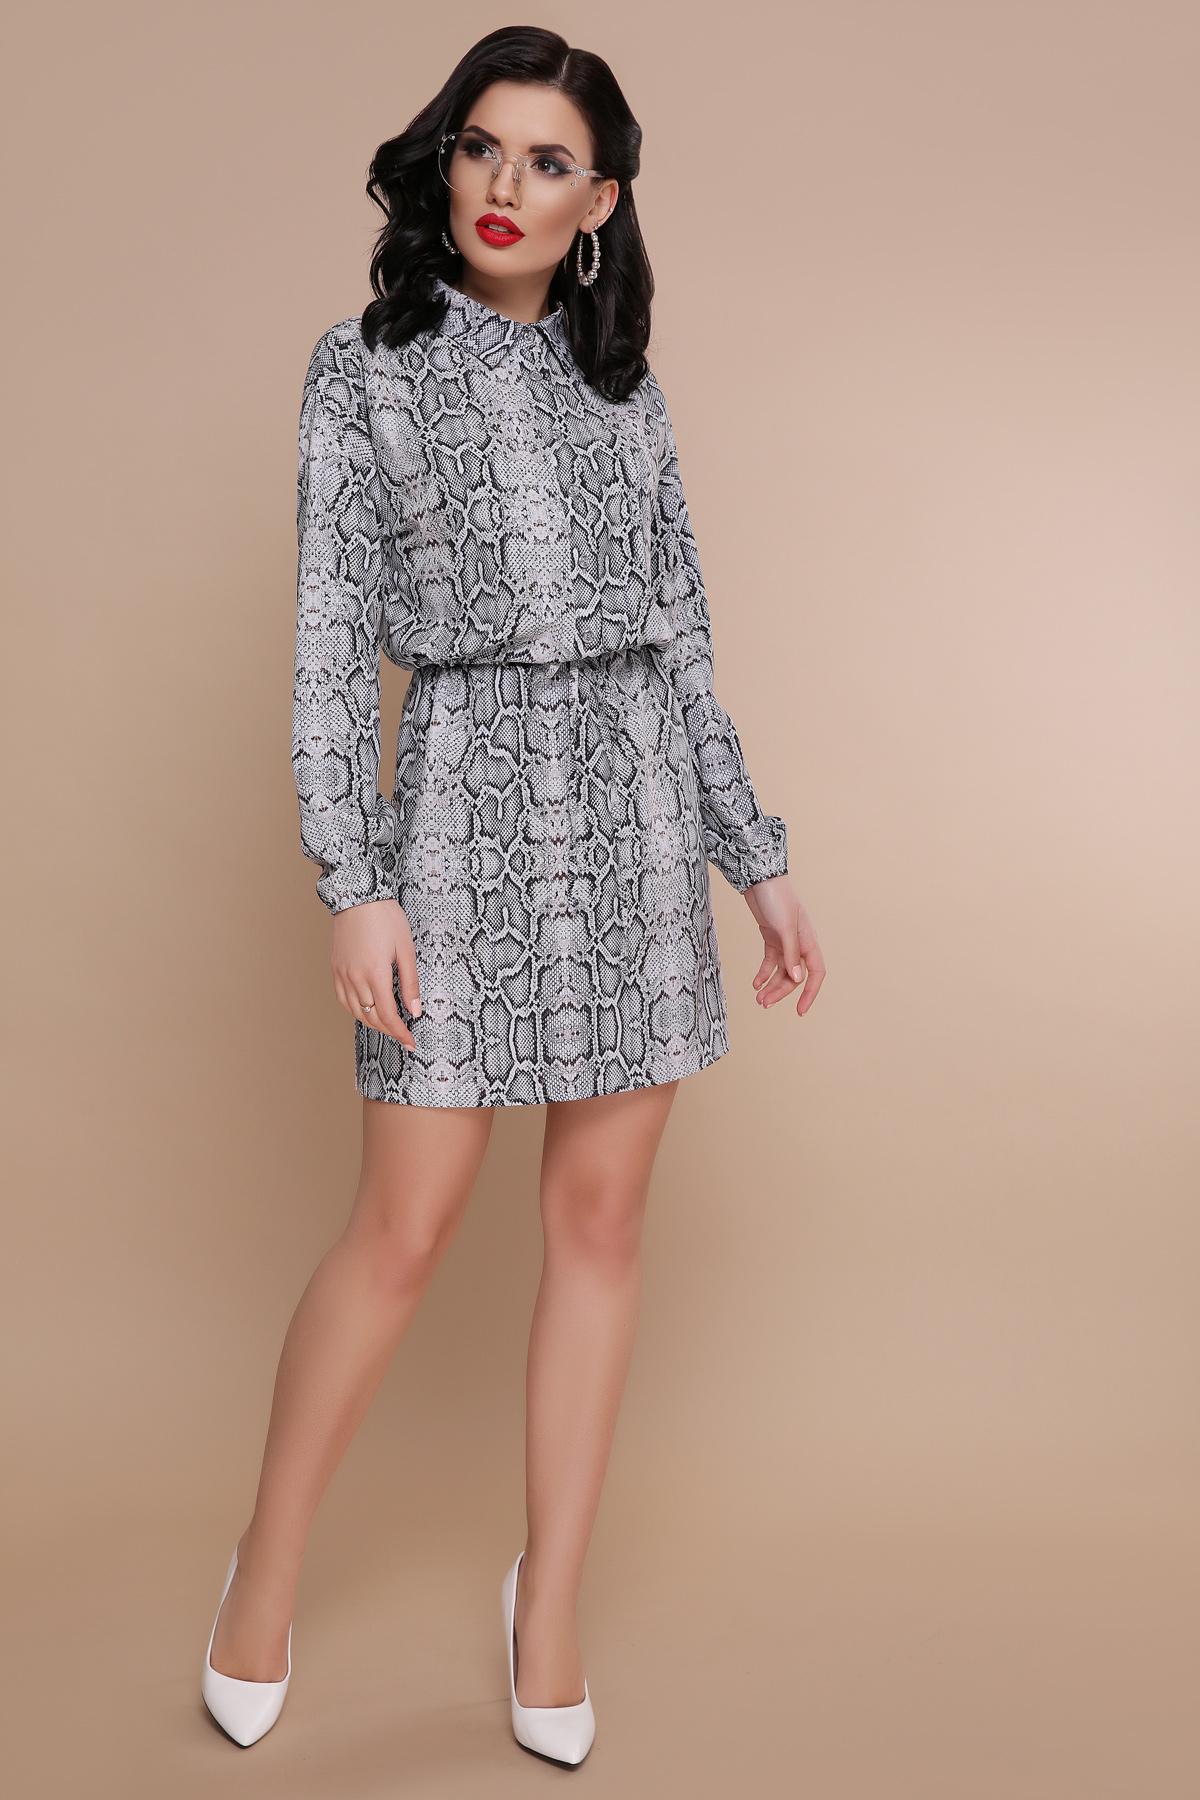 6c98fc08718 платье рубашка с принтом питона. Питон платье Азиза д р. Цвет  принт ...